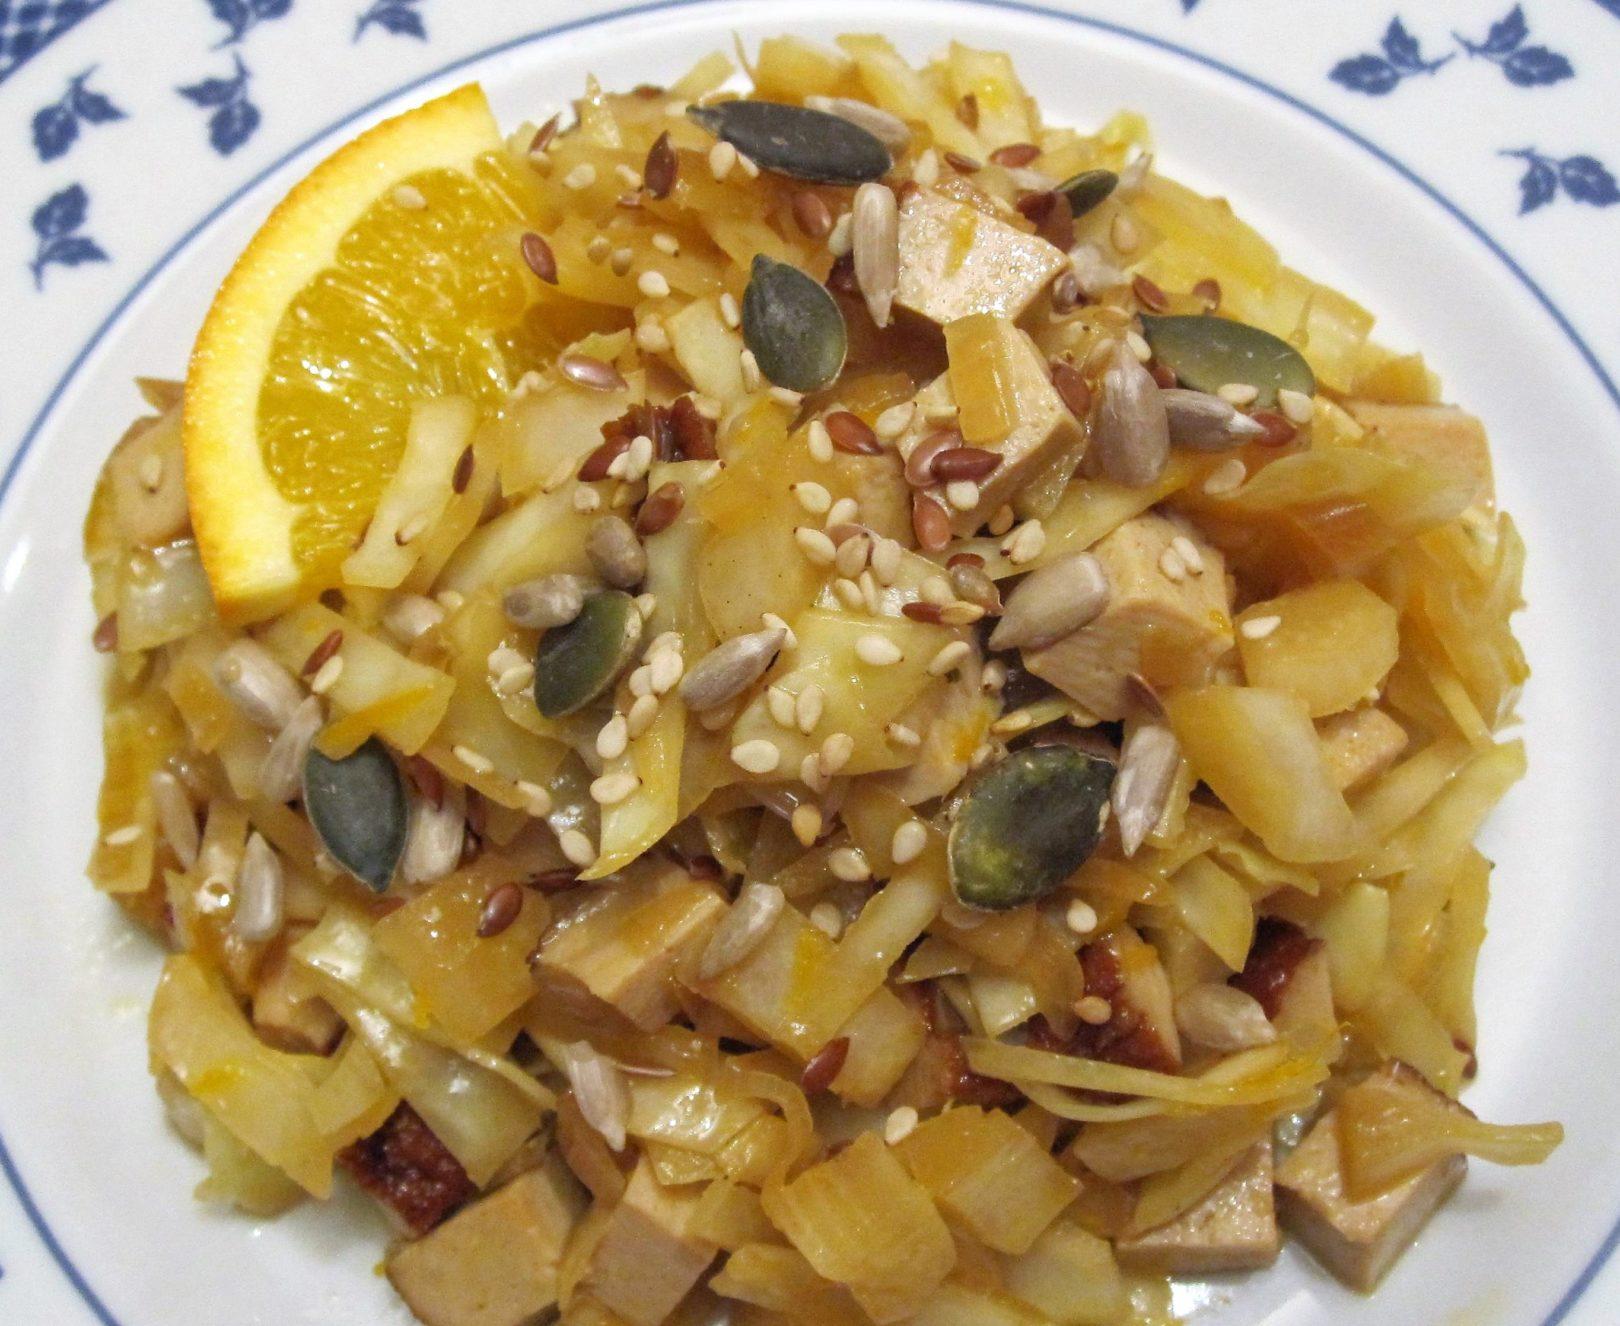 Insalata tiepida di cavolo cappuccio e tofu affumicato all'arancia